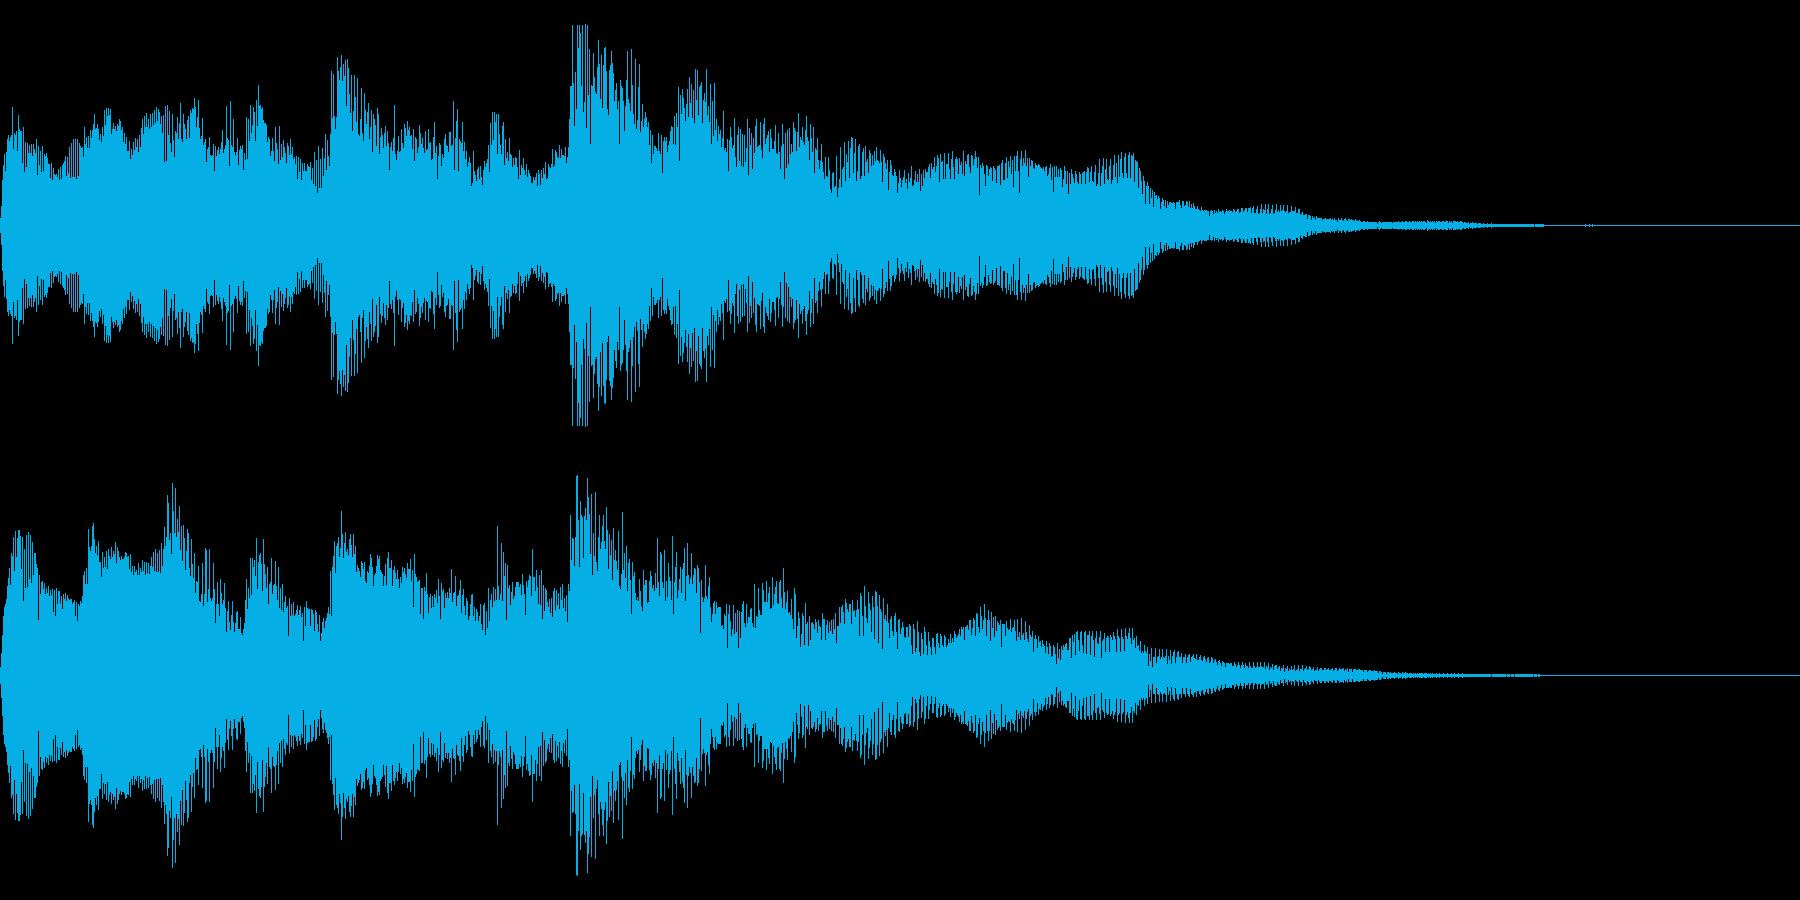 クリーンギターのフレーズ 場面転換の再生済みの波形